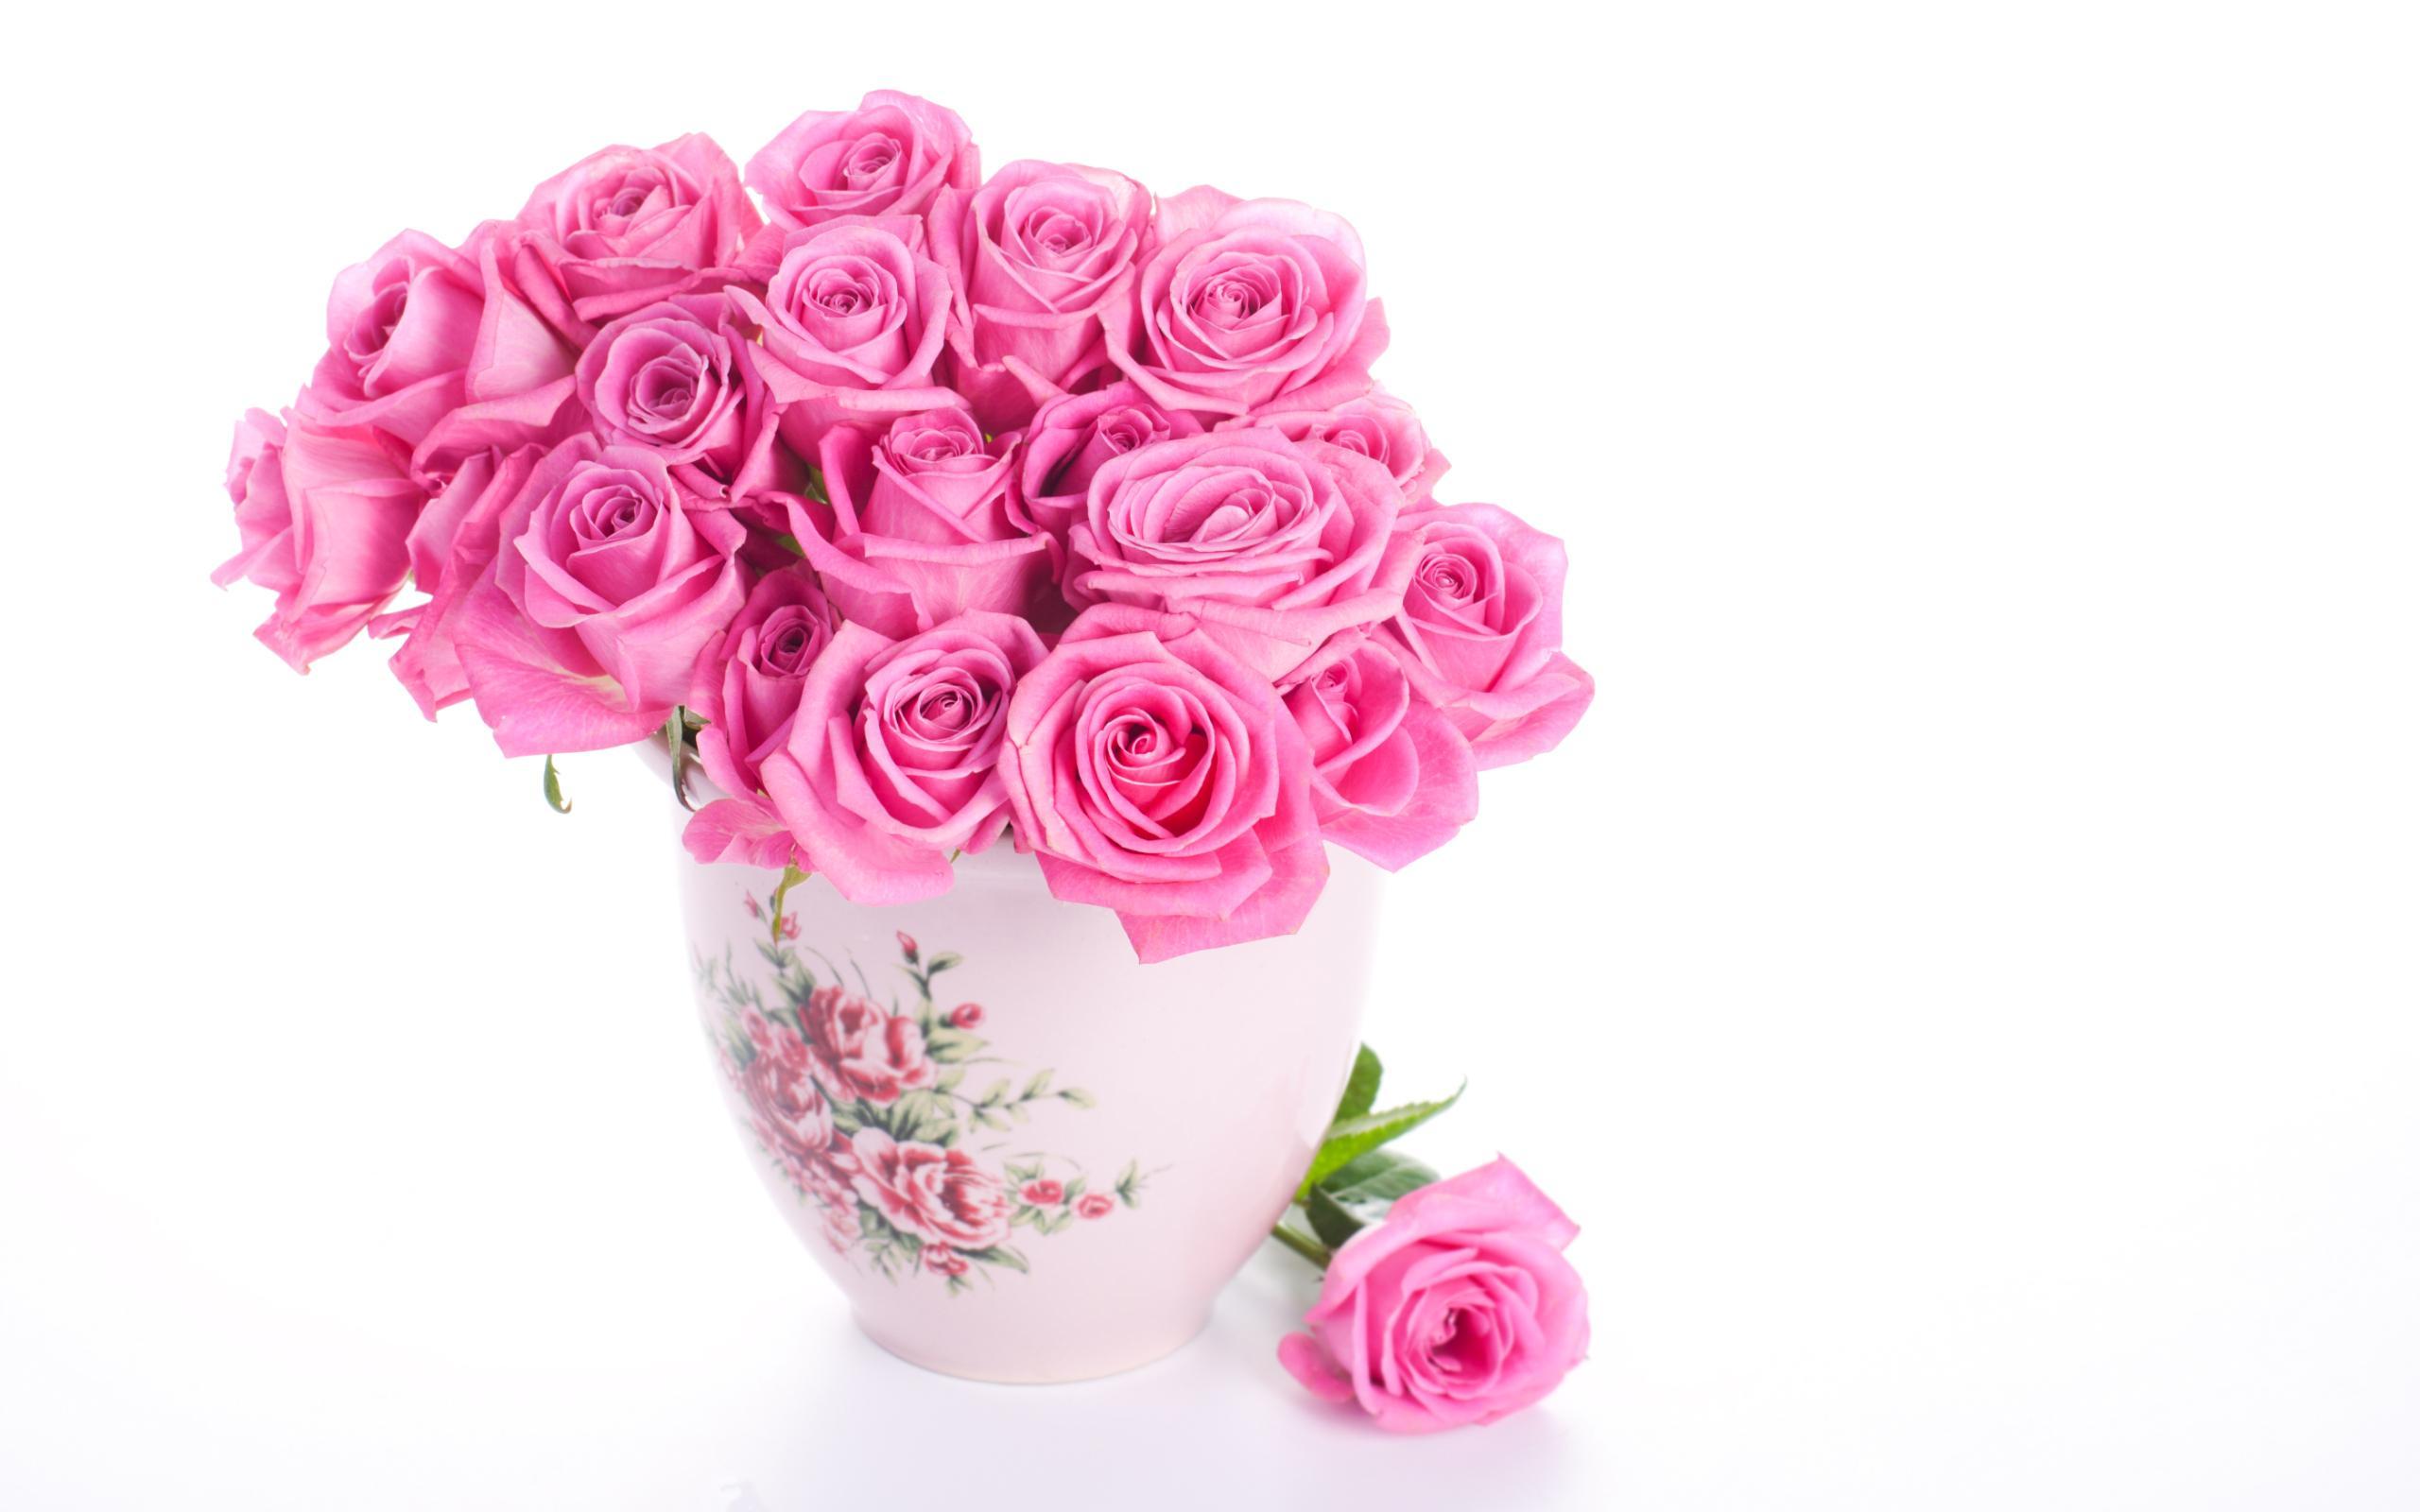 Pink Rose Live Wallpaper Download - Pink Rose Flower Vase , HD Wallpaper & Backgrounds